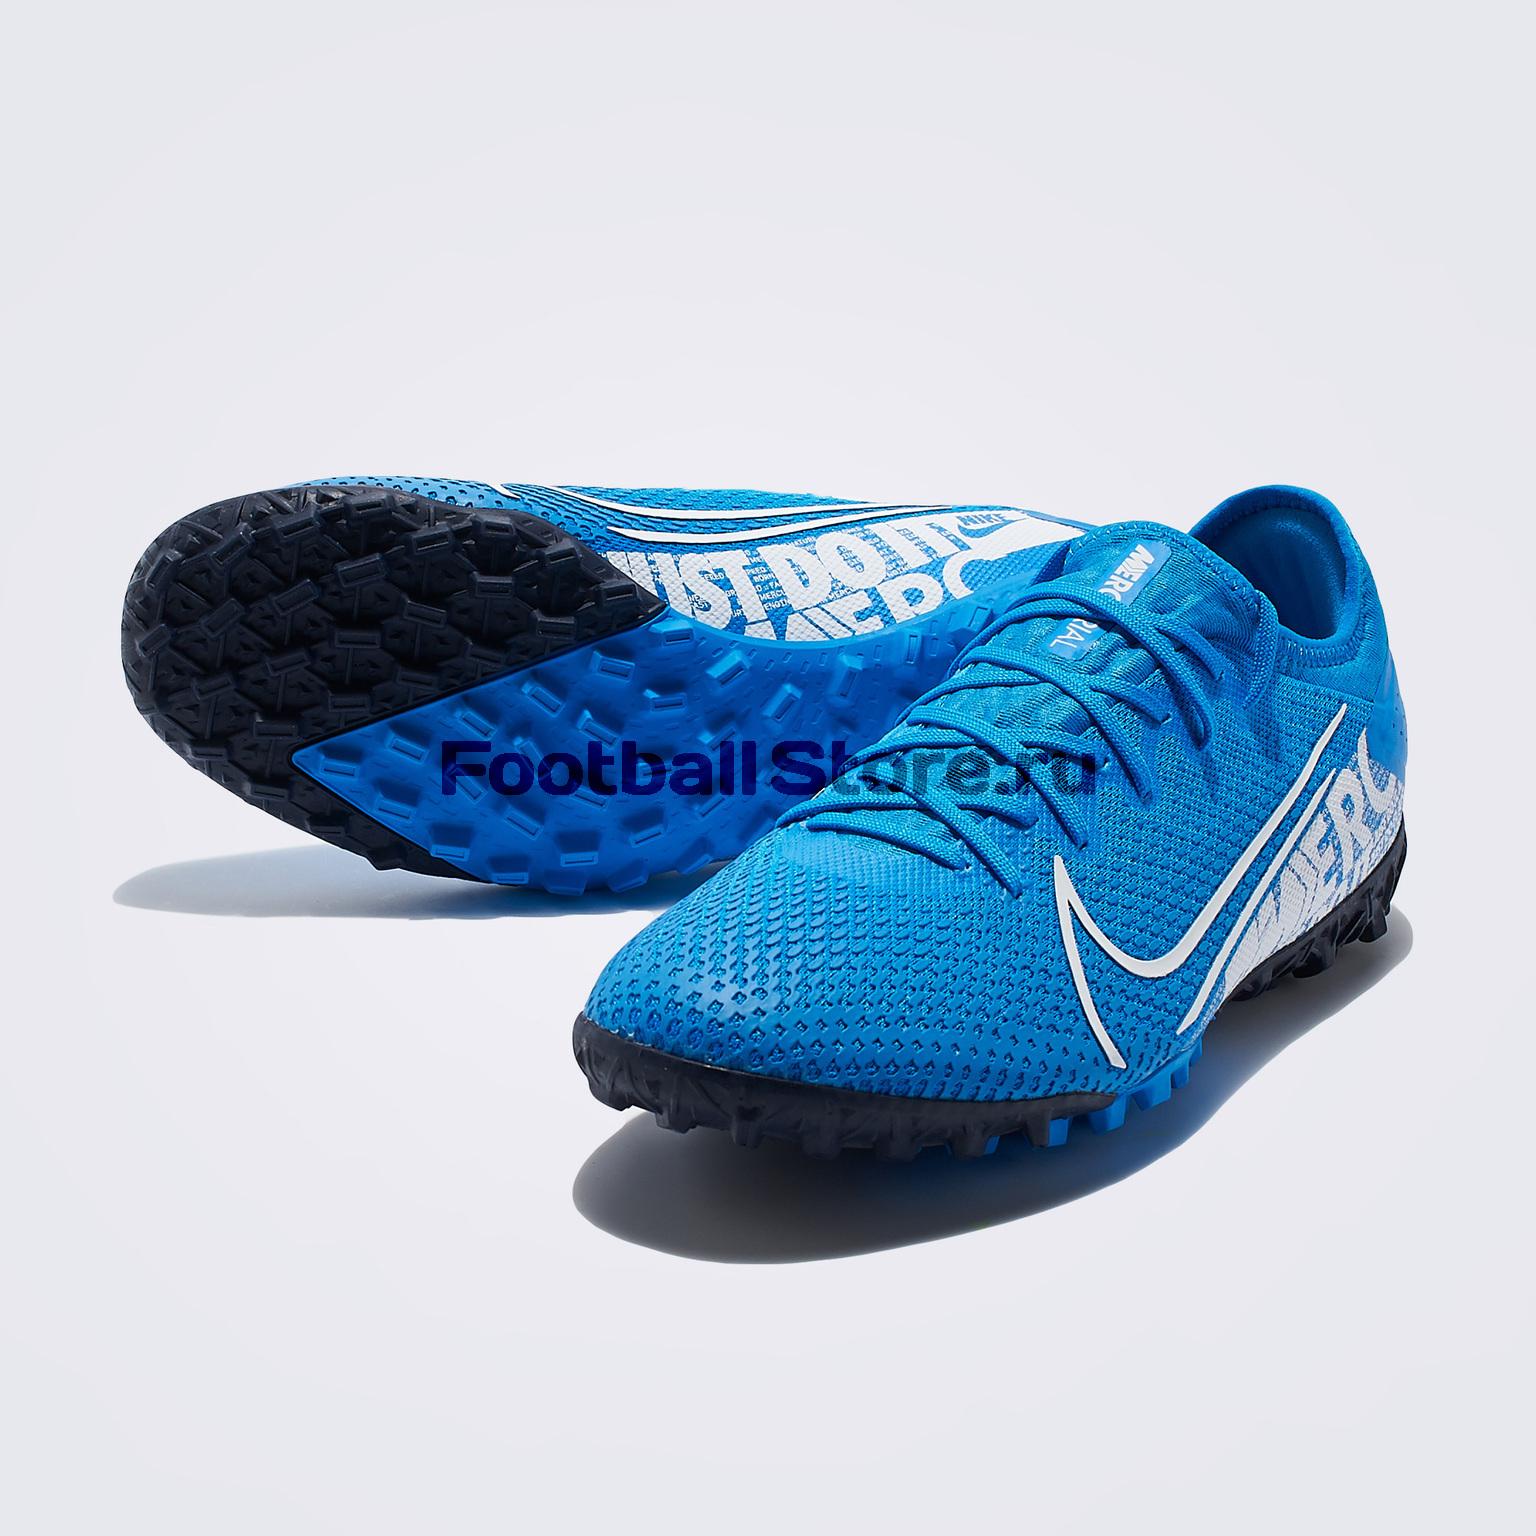 цены на Шиповки Nike Vapor 13 Pro TF AT8004-414  в интернет-магазинах